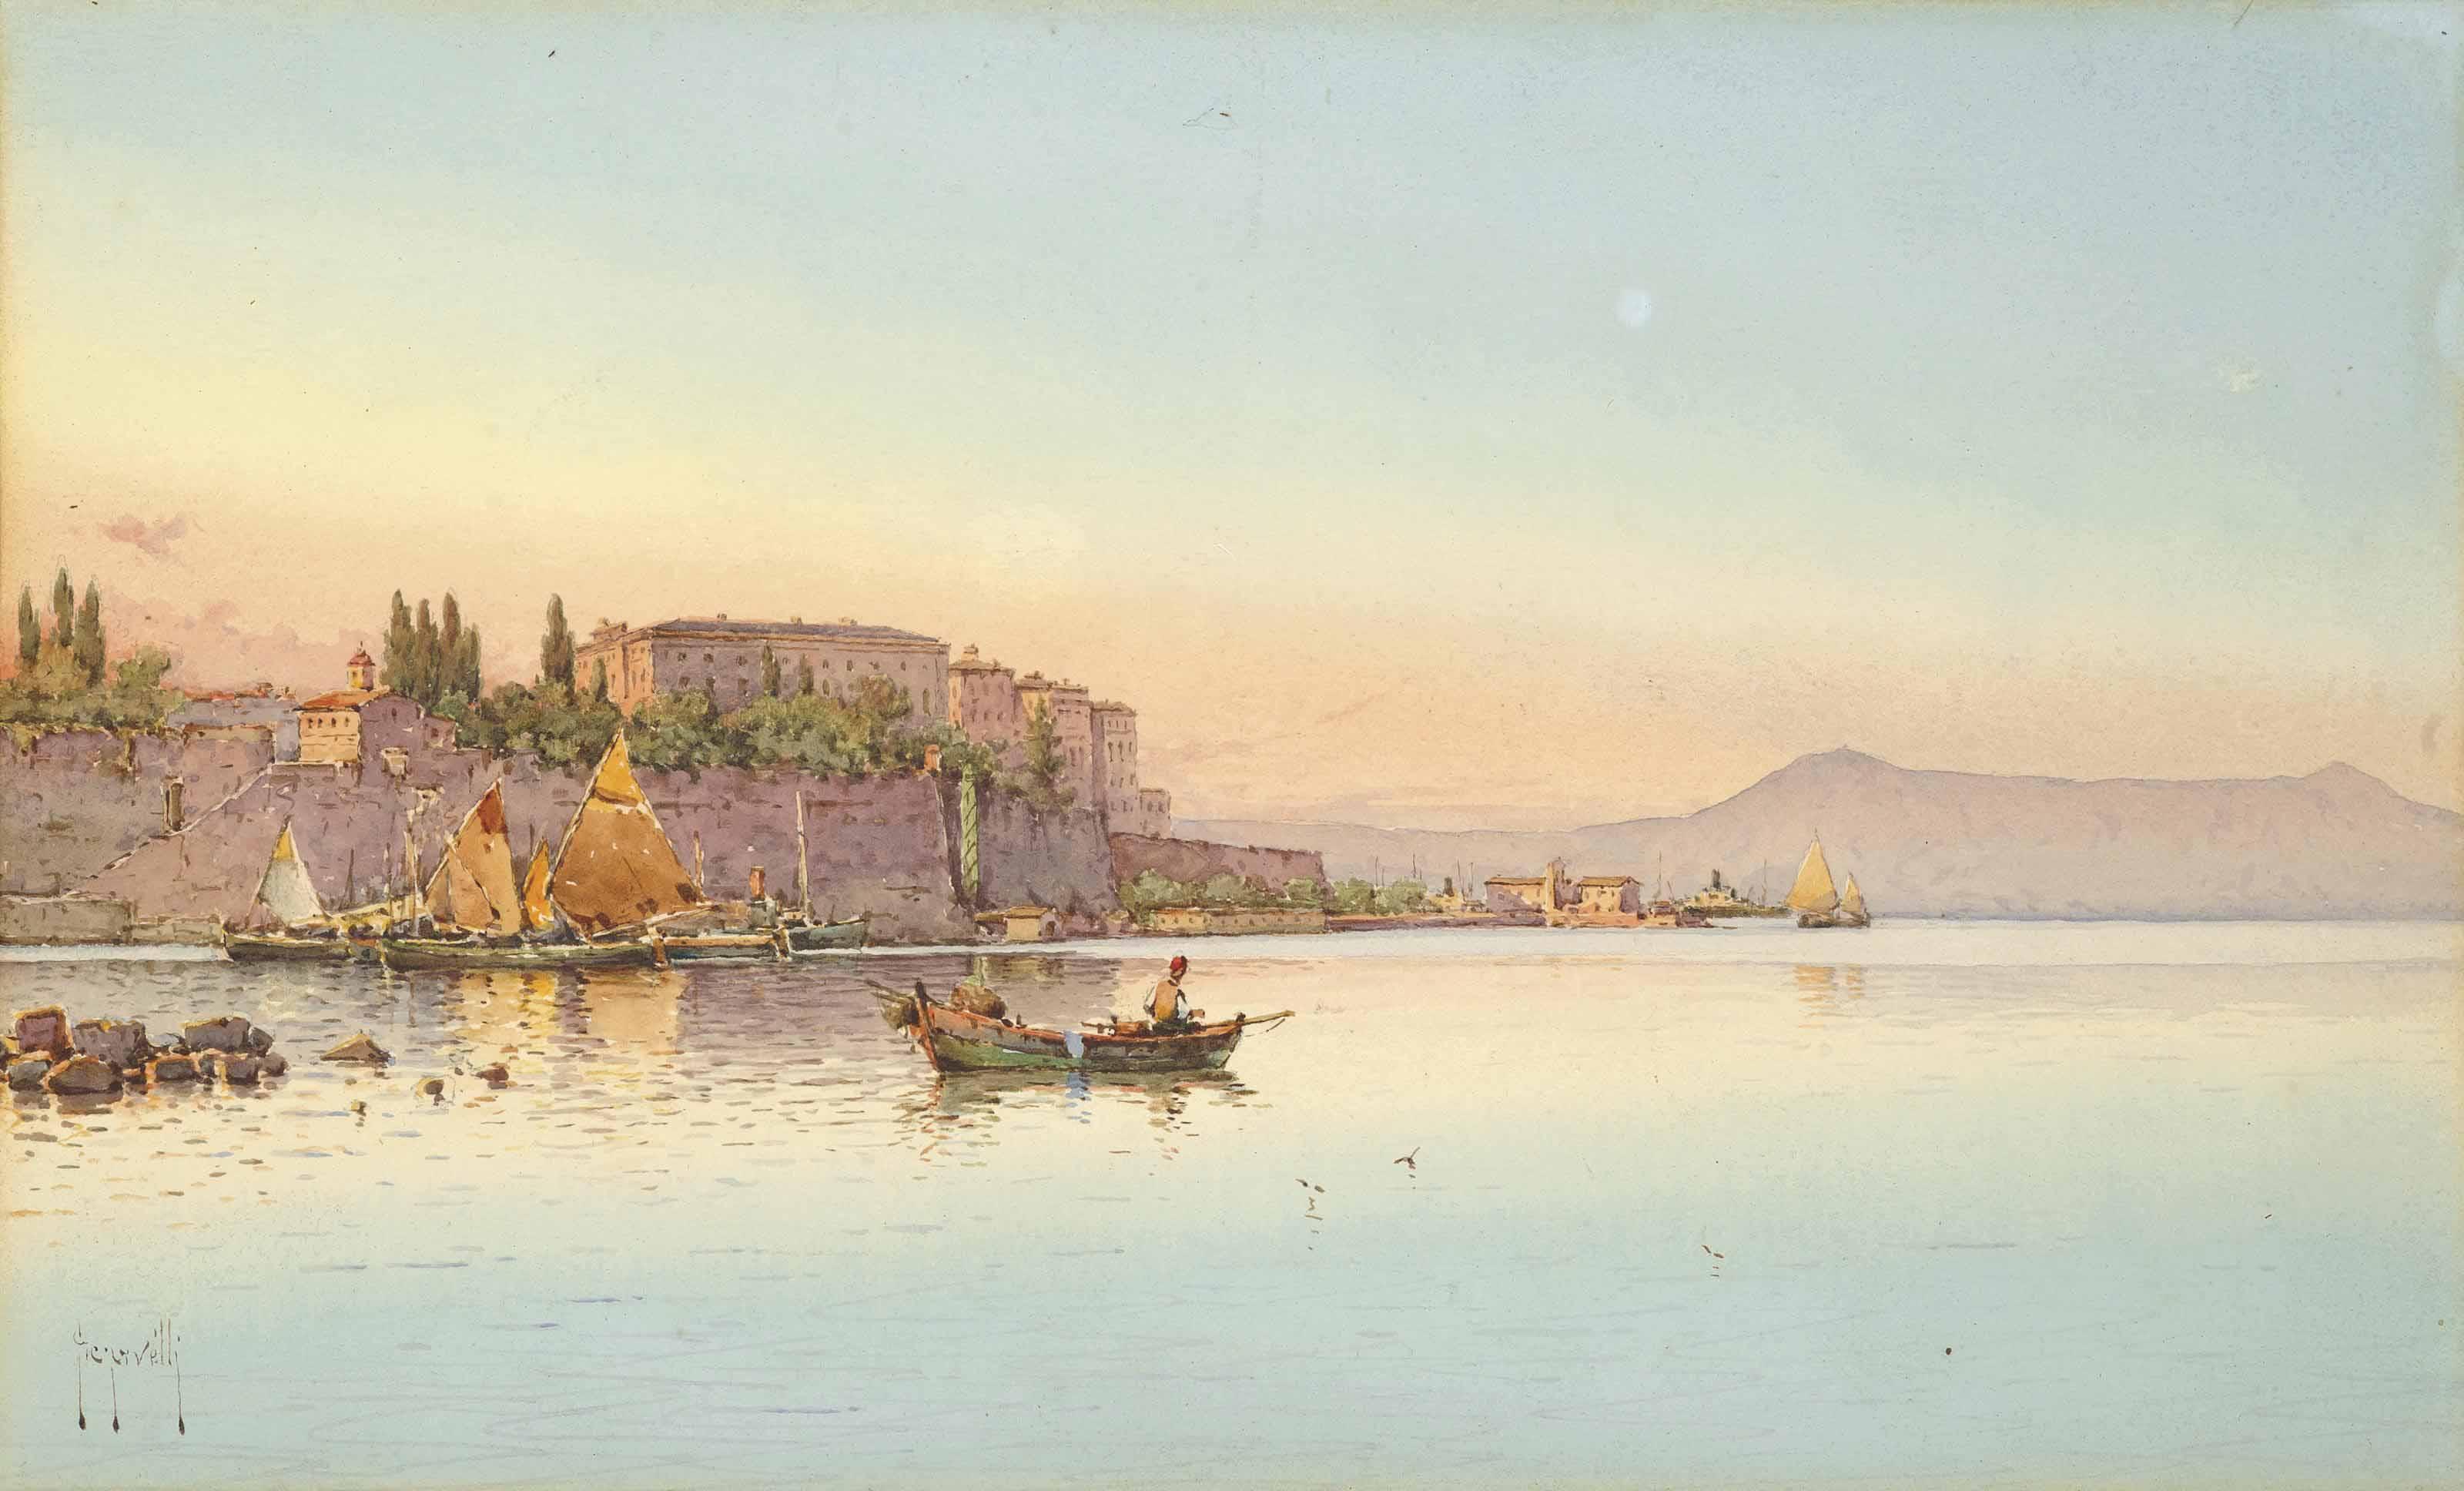 Spyridon Scarvelli (Greek, 186